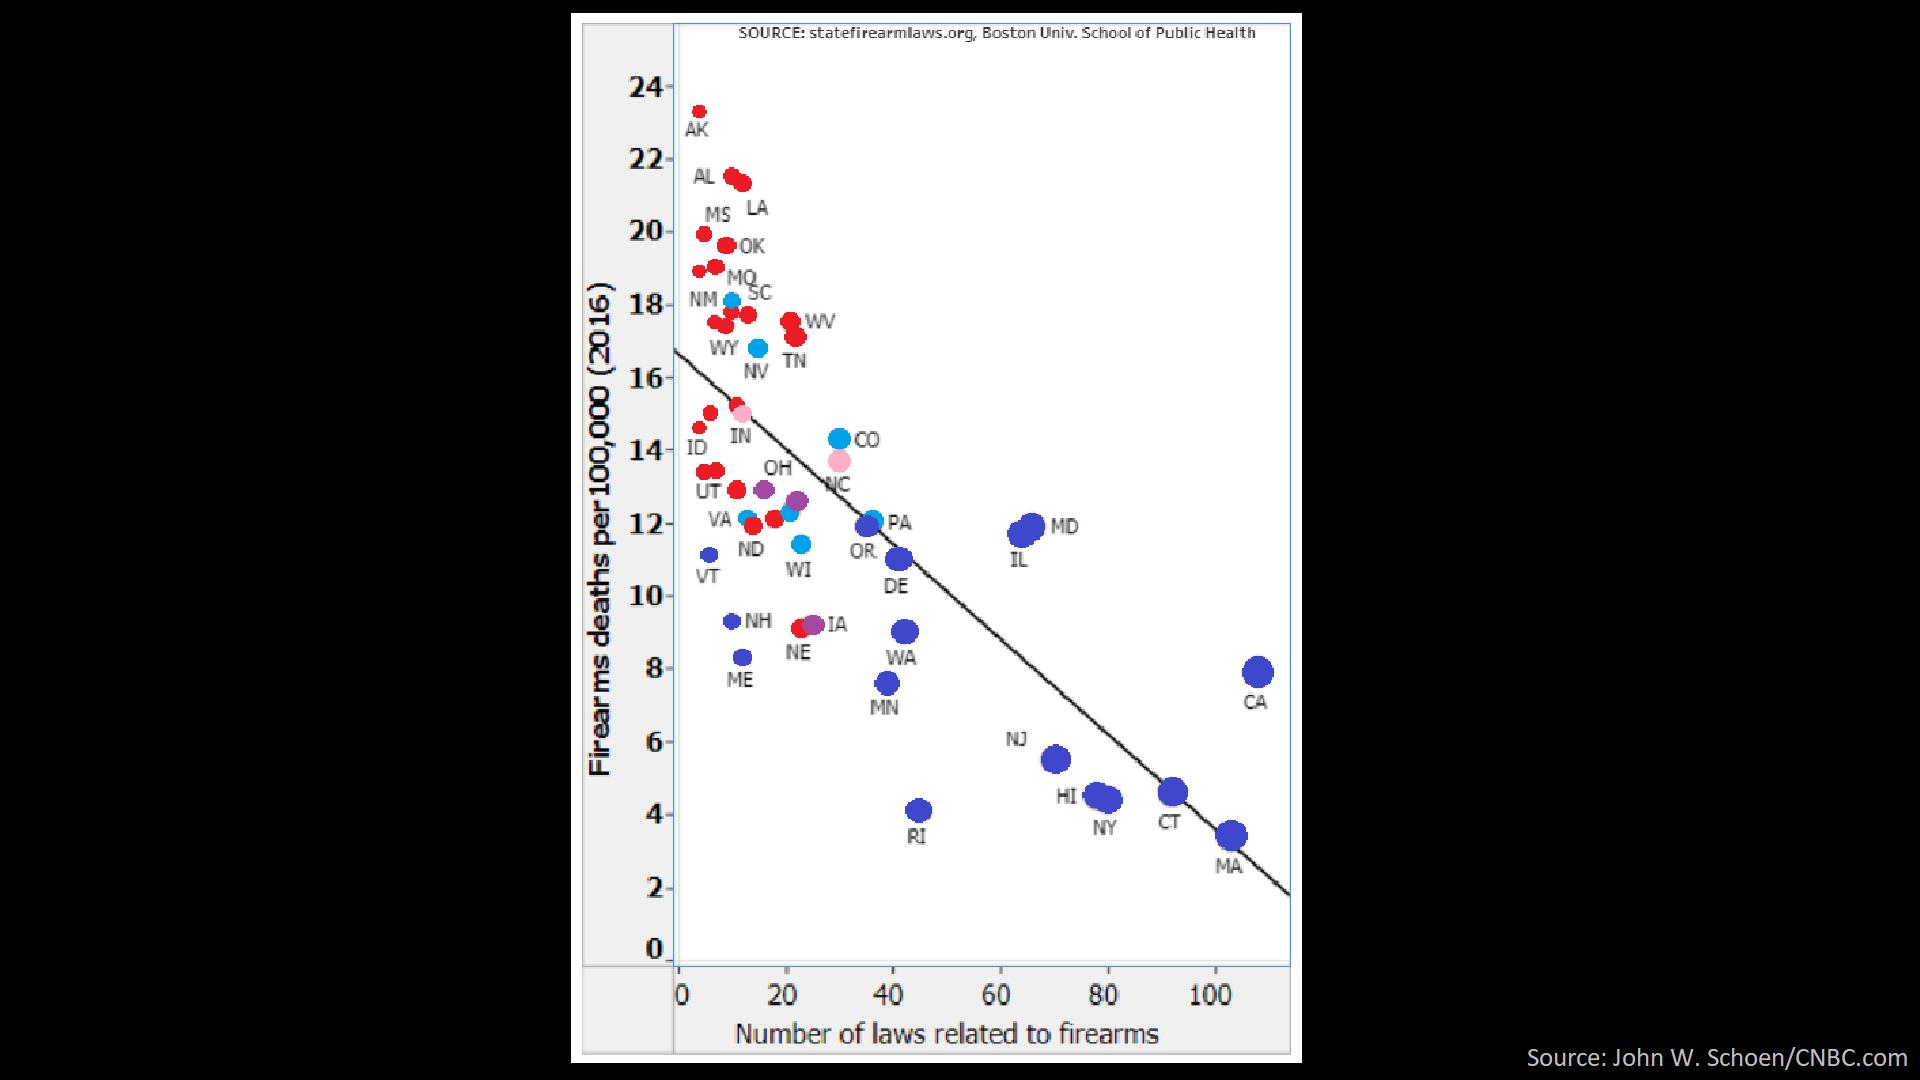 schoen graph 2.png